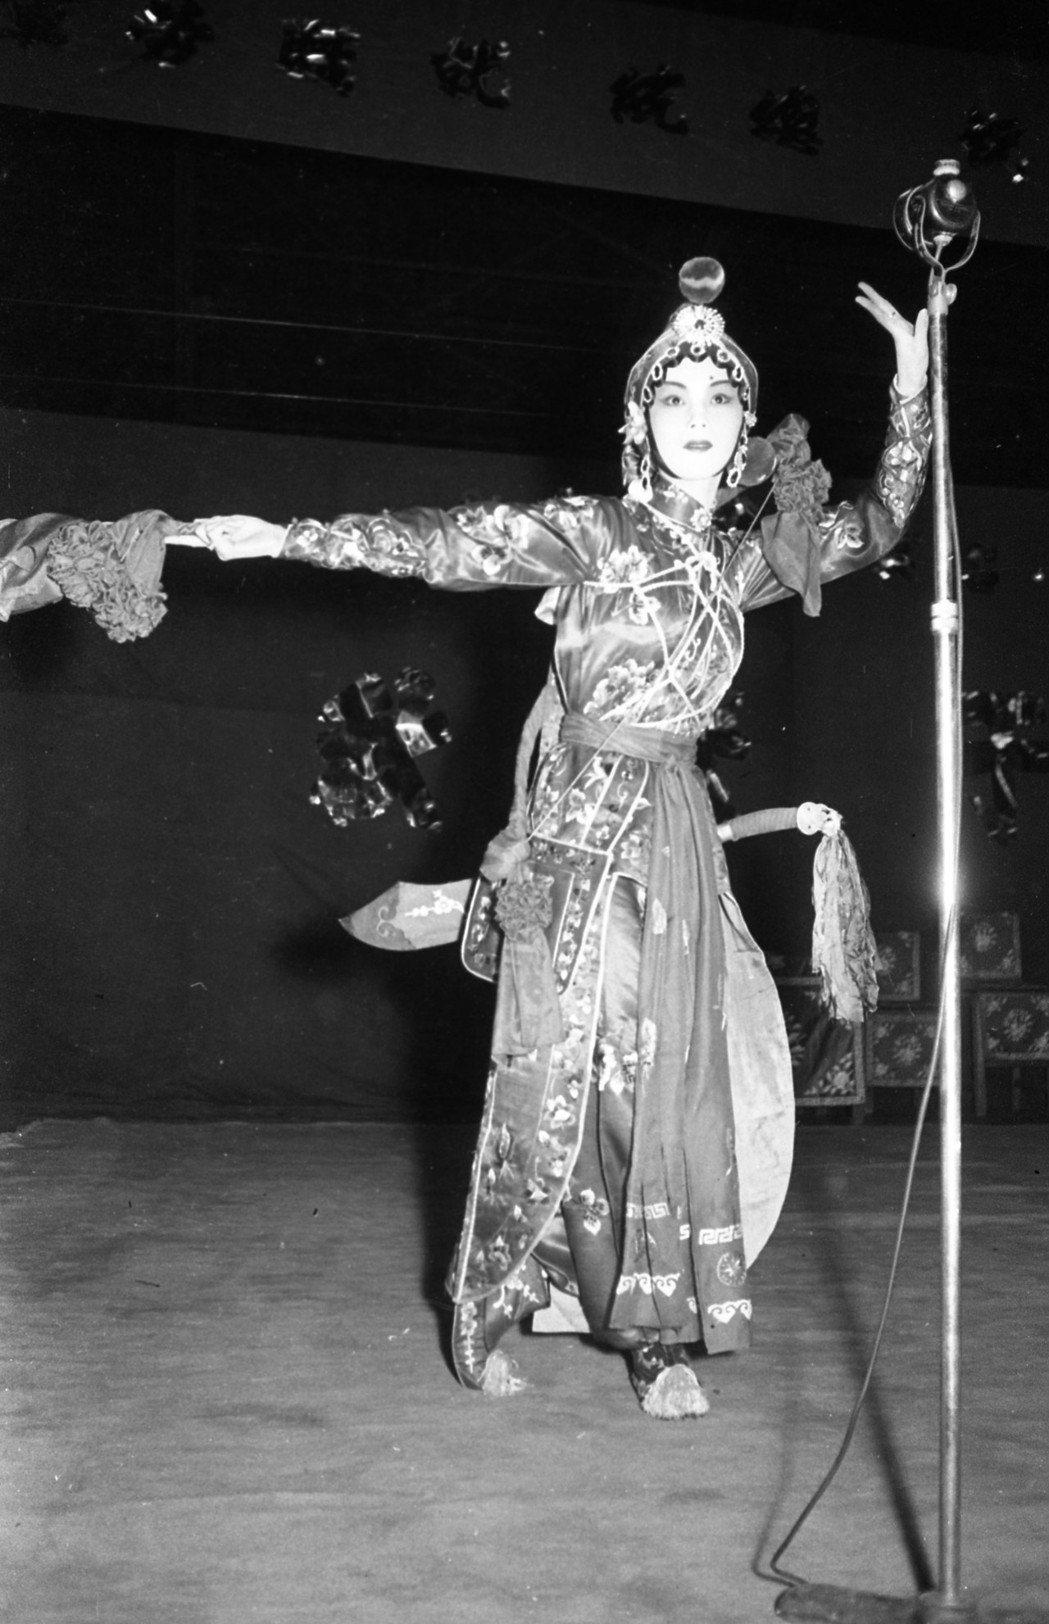 1954年,香港自由影劇人平劇勞軍公演在三軍球場舉行,銀壇俠女于素秋演出的十三妹...